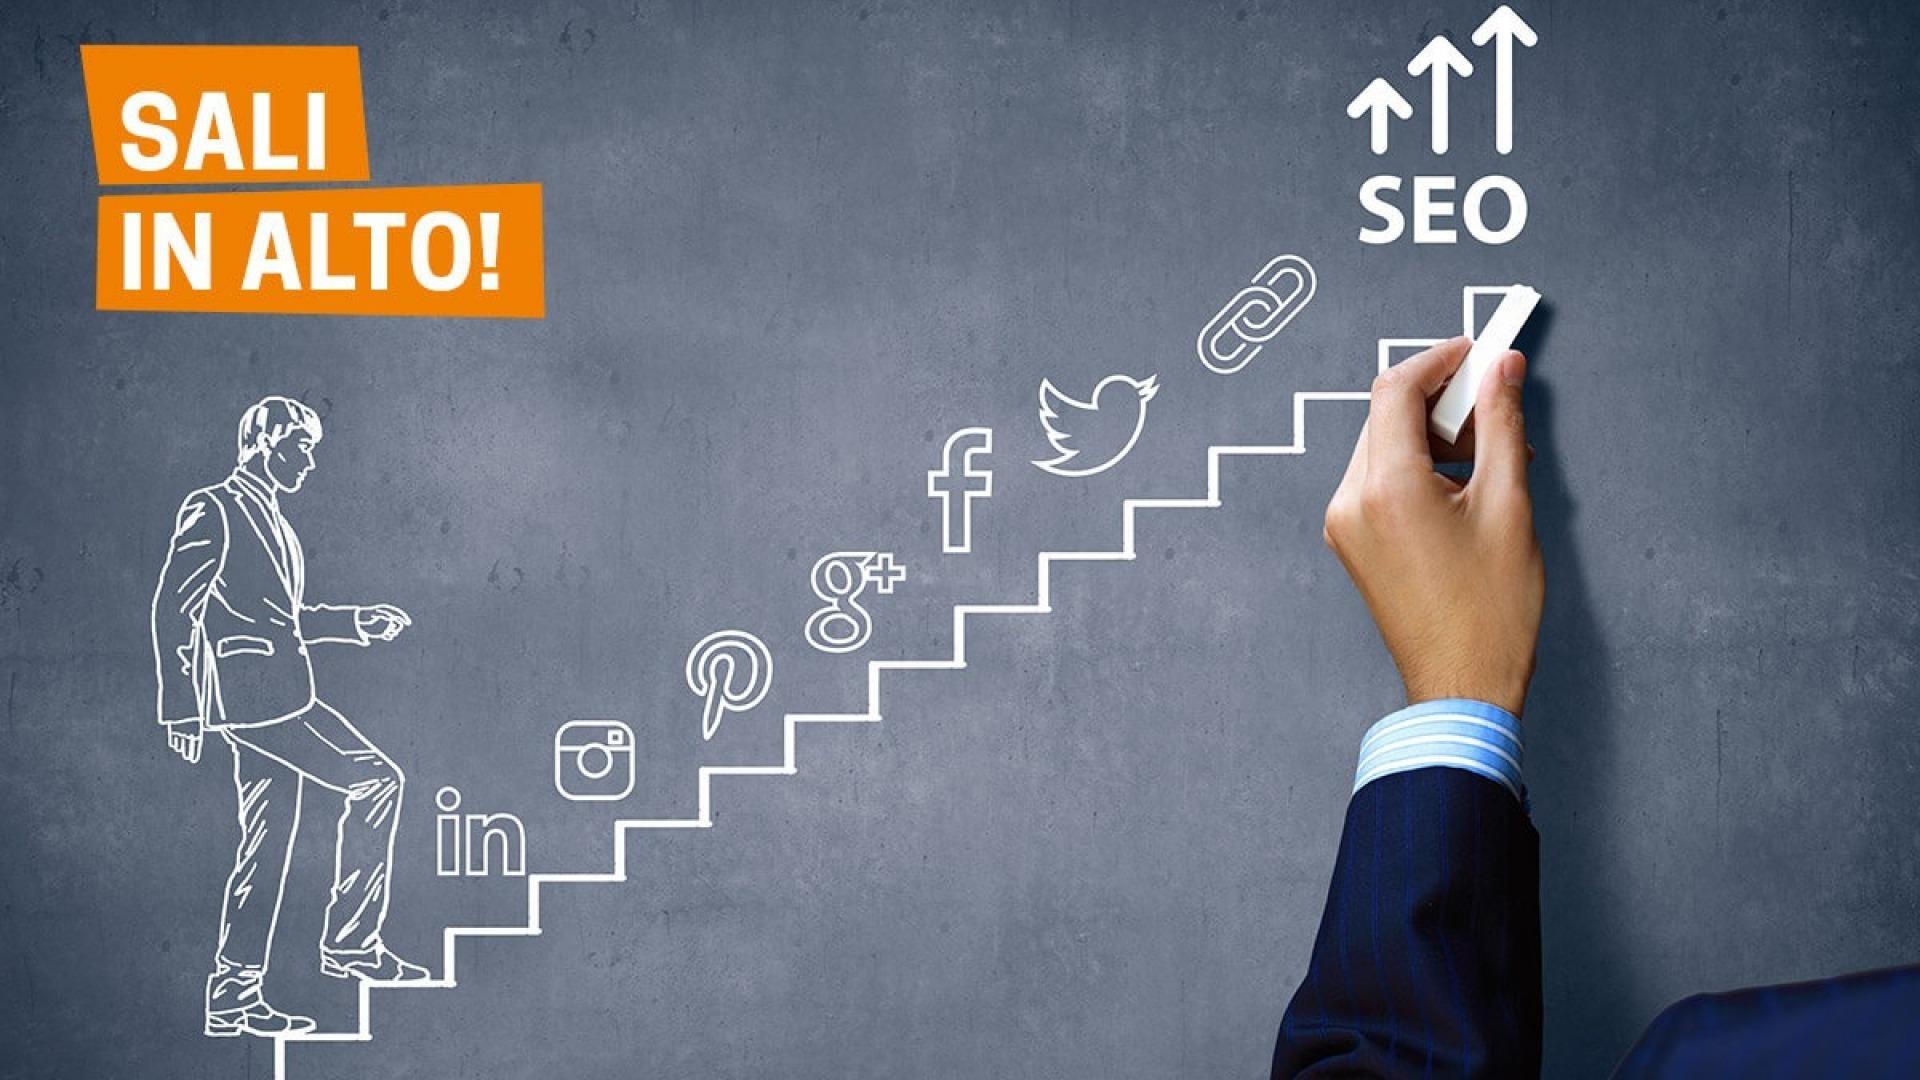 immagine blog 7 consigli utili per scalare i motori di ricerca